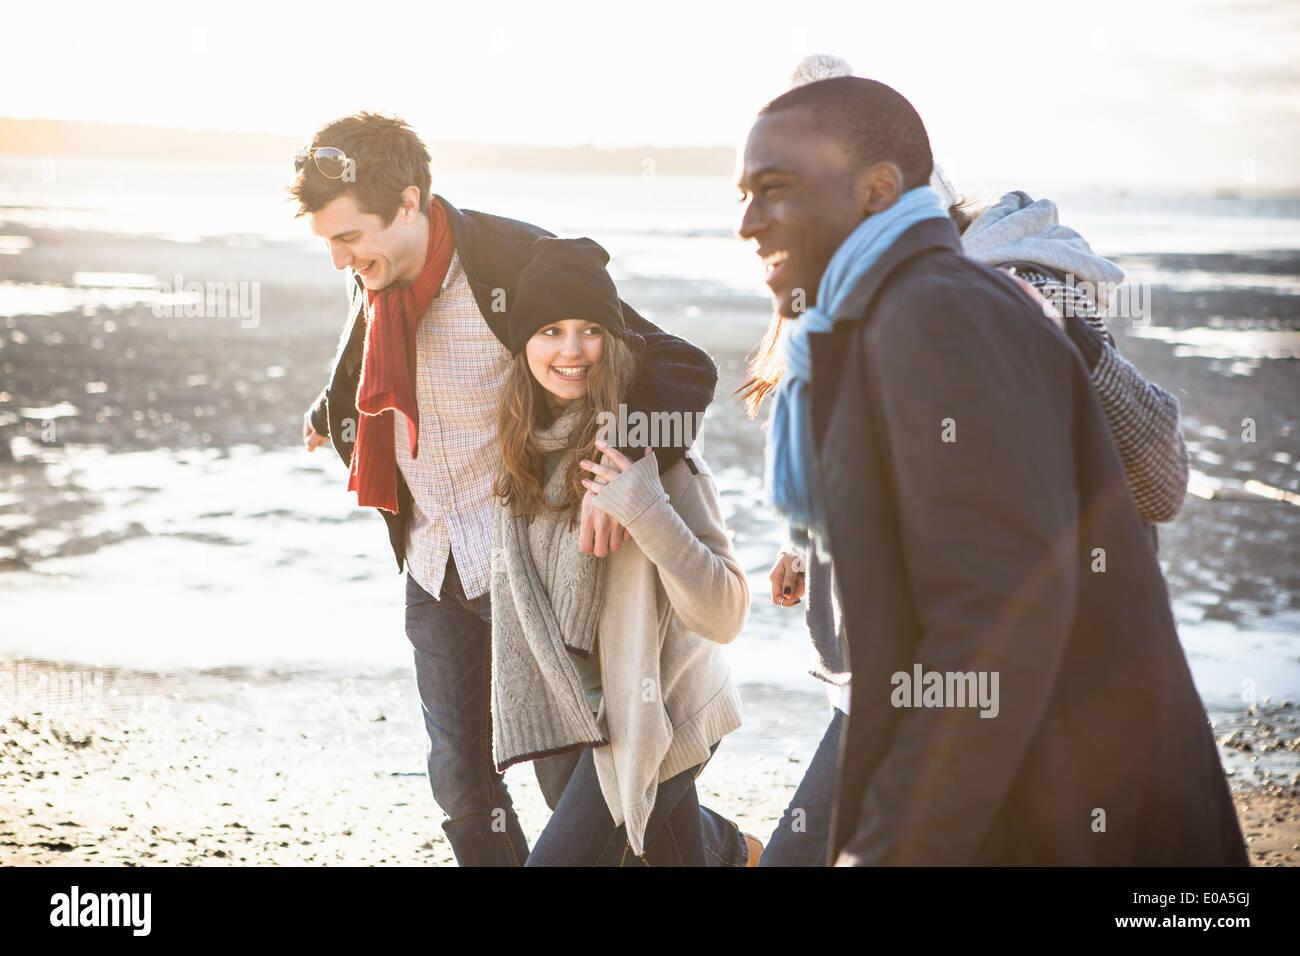 Deux couples adultes out sur la plage Photo Stock